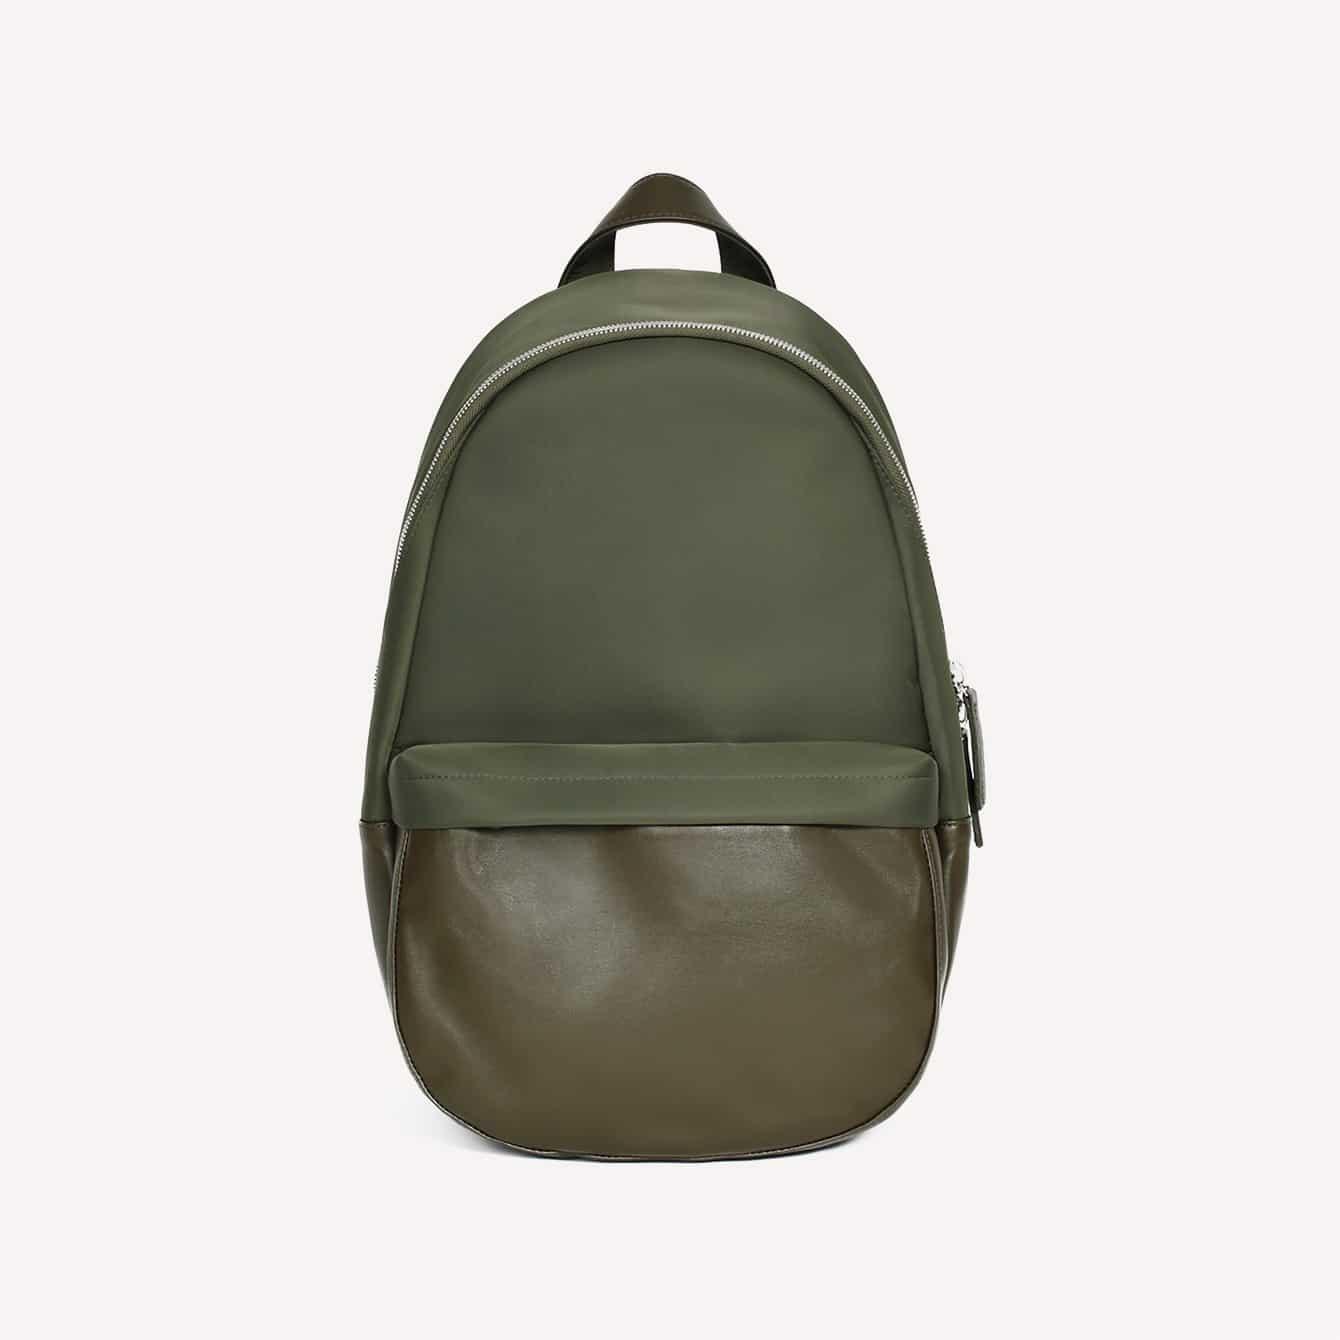 Haerfest Travel Backpack Small Nylon